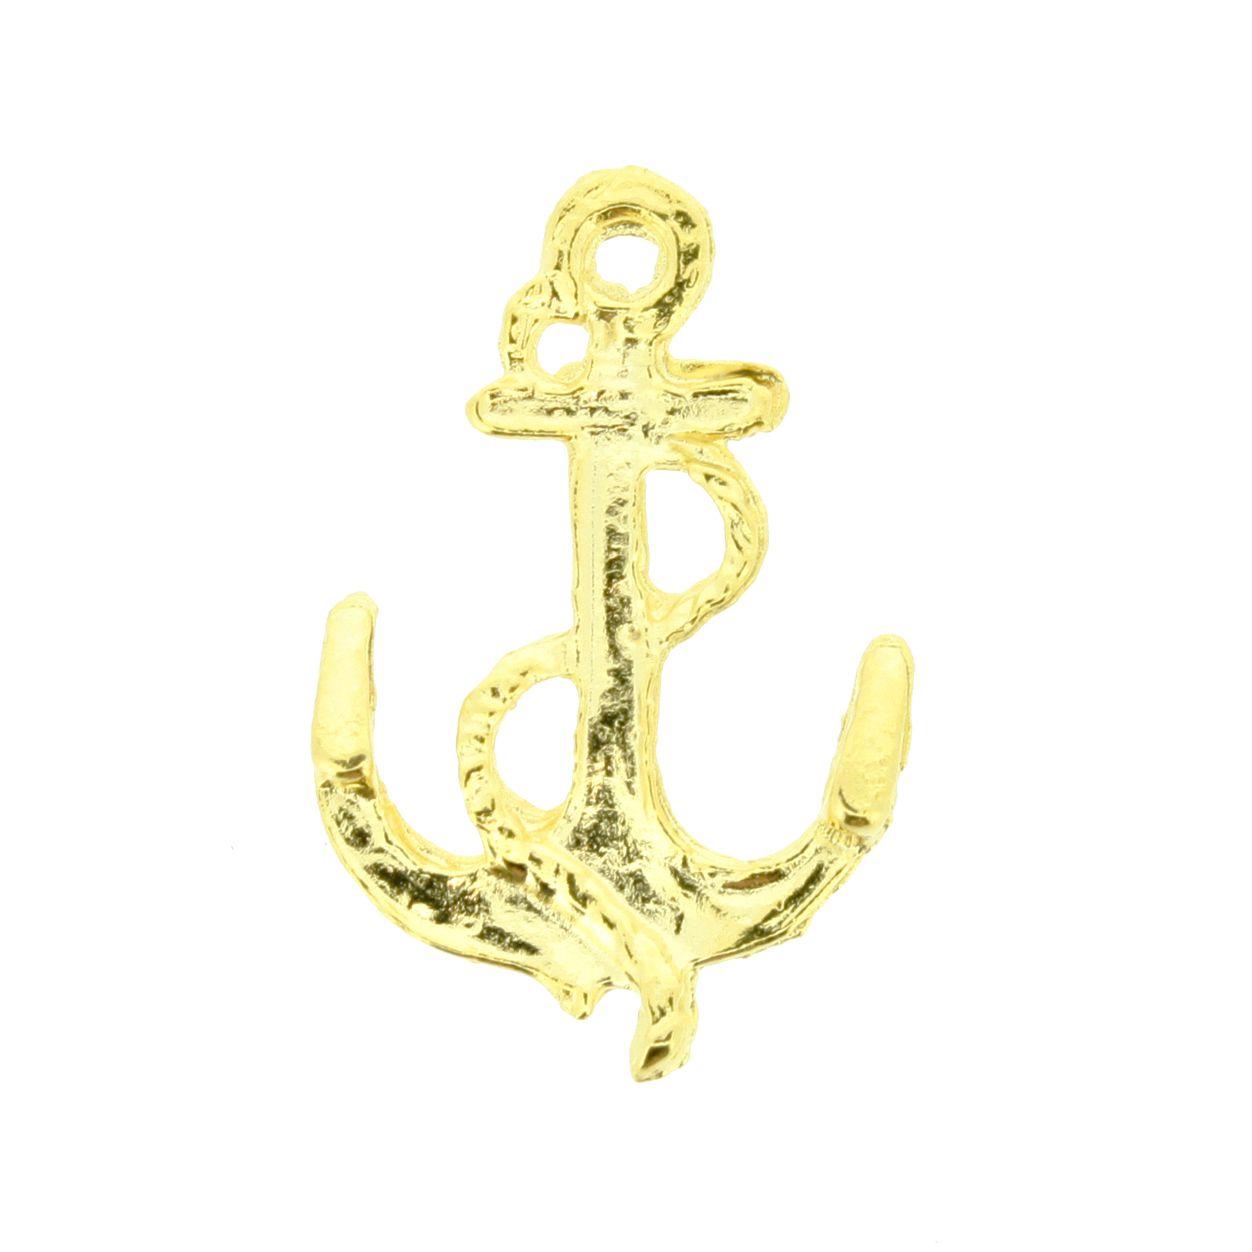 Âncora - Dourada - 27mm  - Stéphanie Bijoux® - Peças para Bijuterias e Artesanato